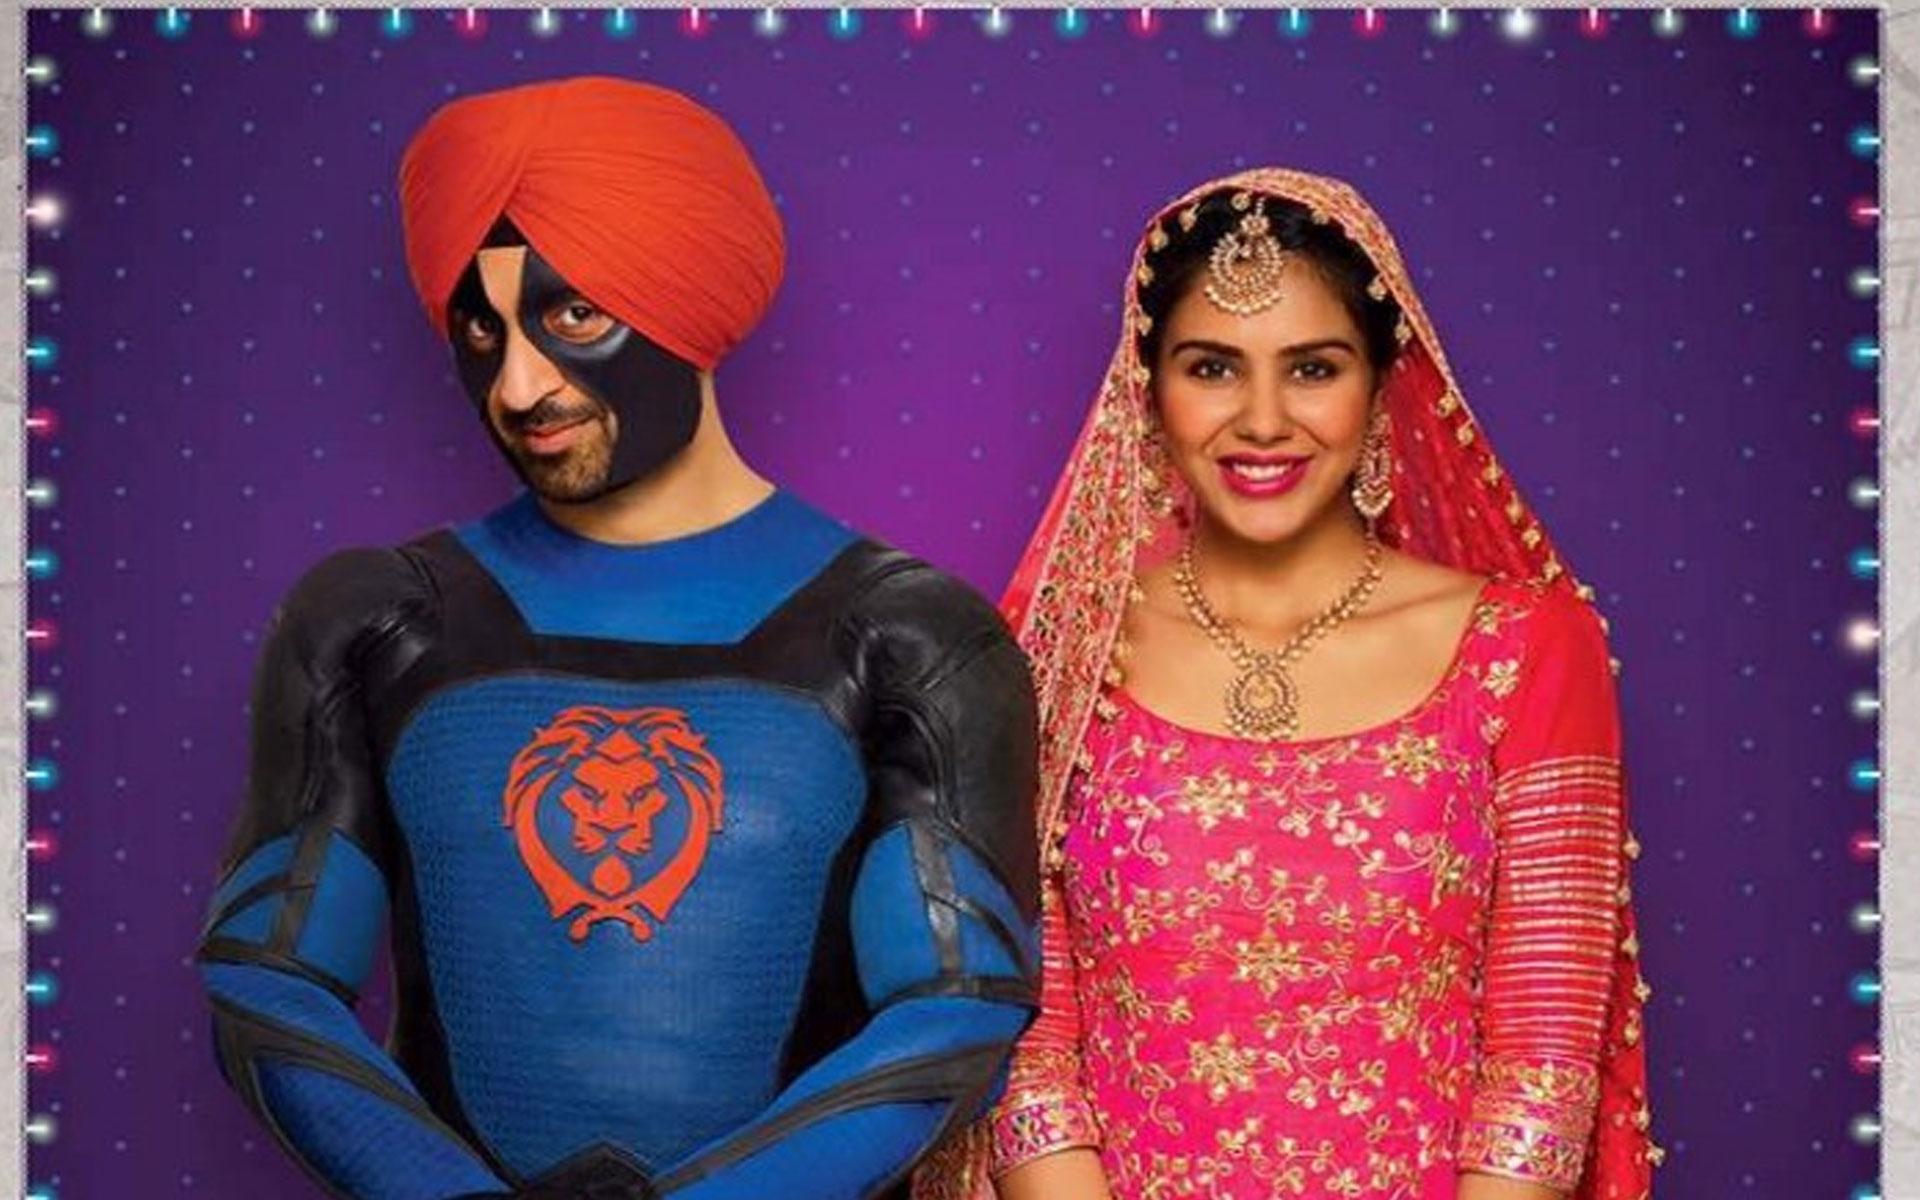 Diljit Dosanjh starring in Super Singh with Sonam Bajwa